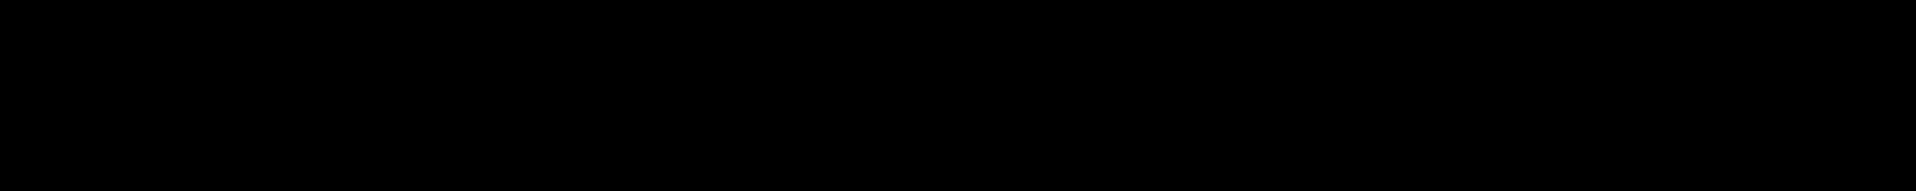 Korpo Serif 1 Regular